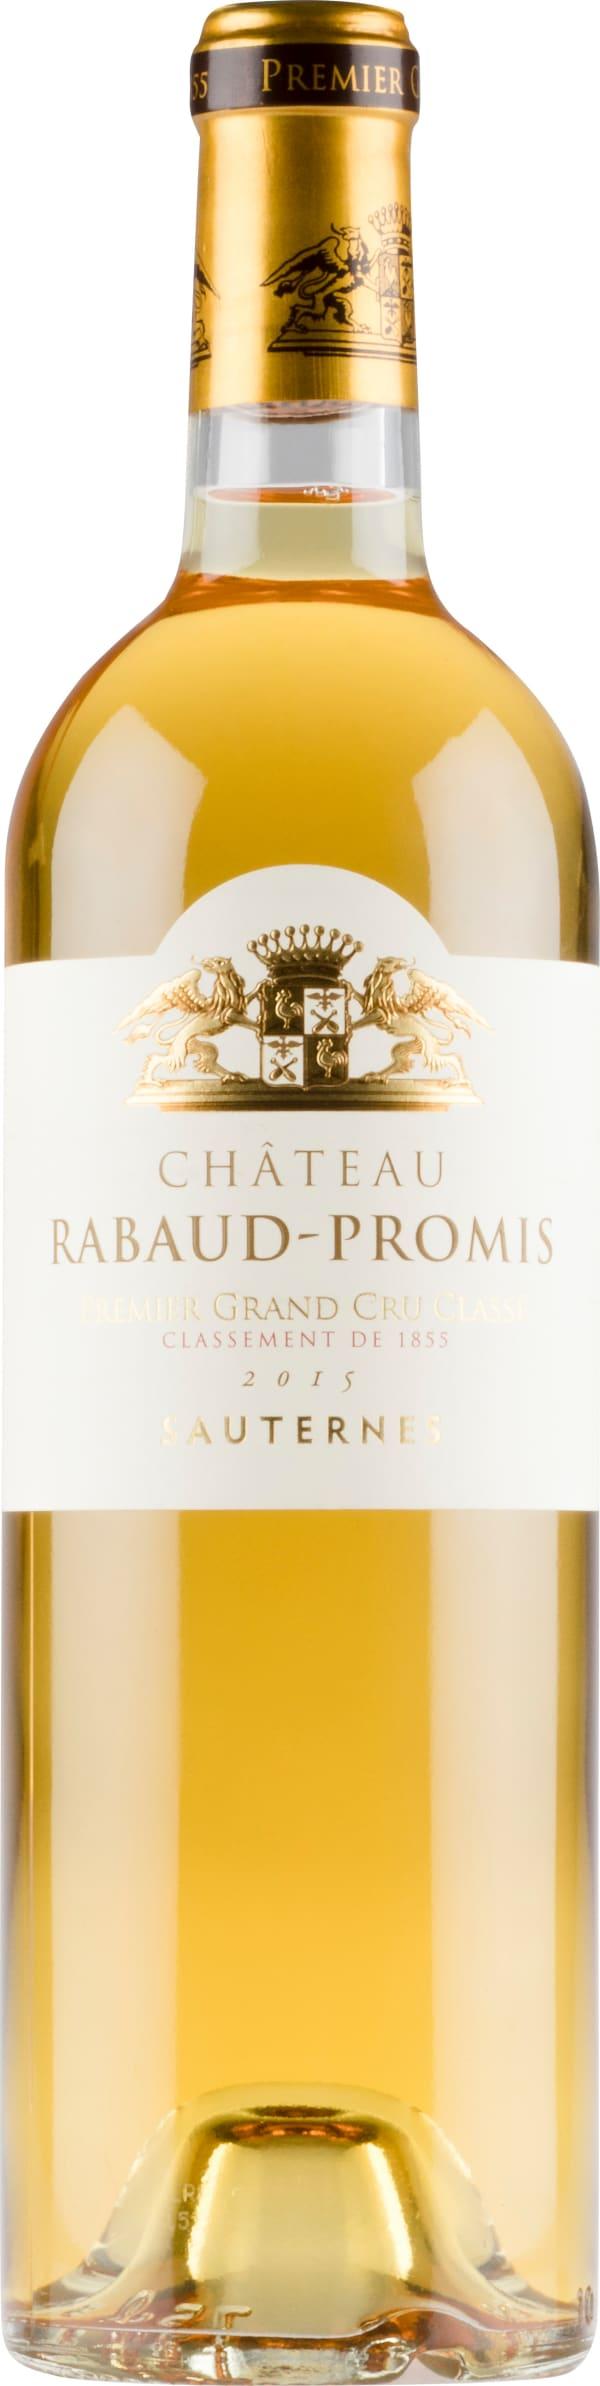 Château Rabaud-Promis 2015